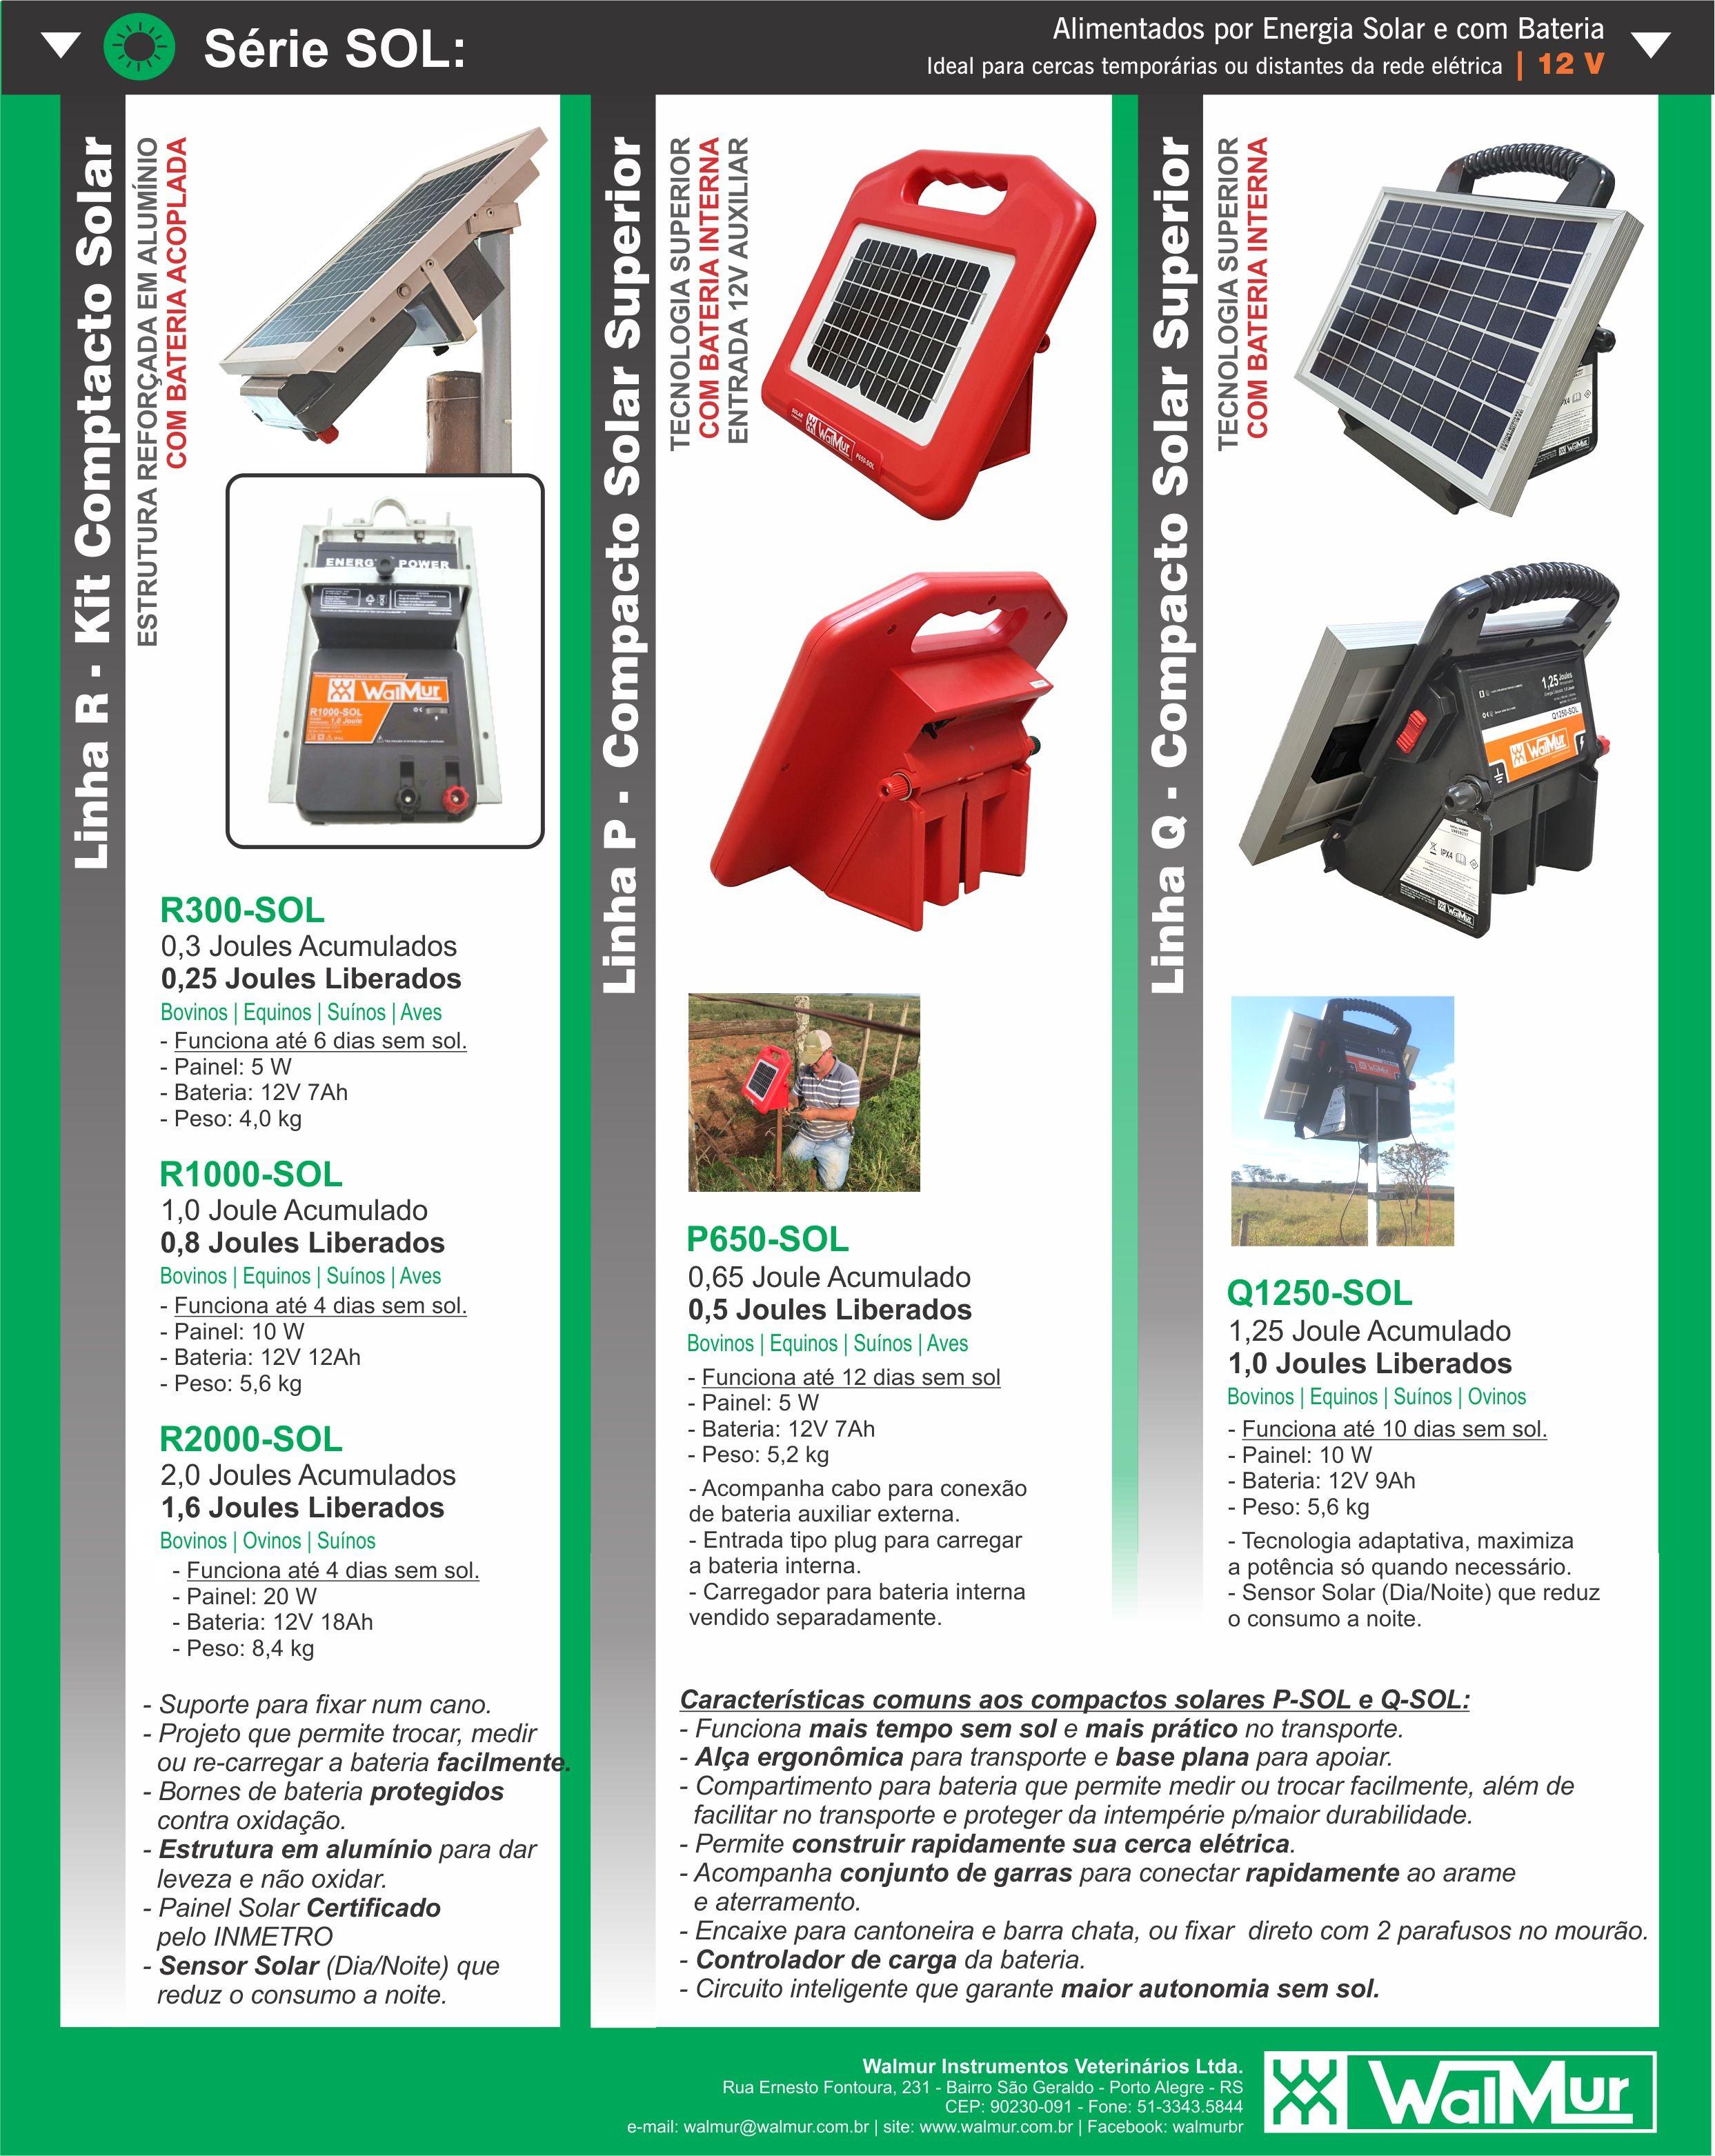 Alimentação por energia solar (com painel solar e bateria interna)